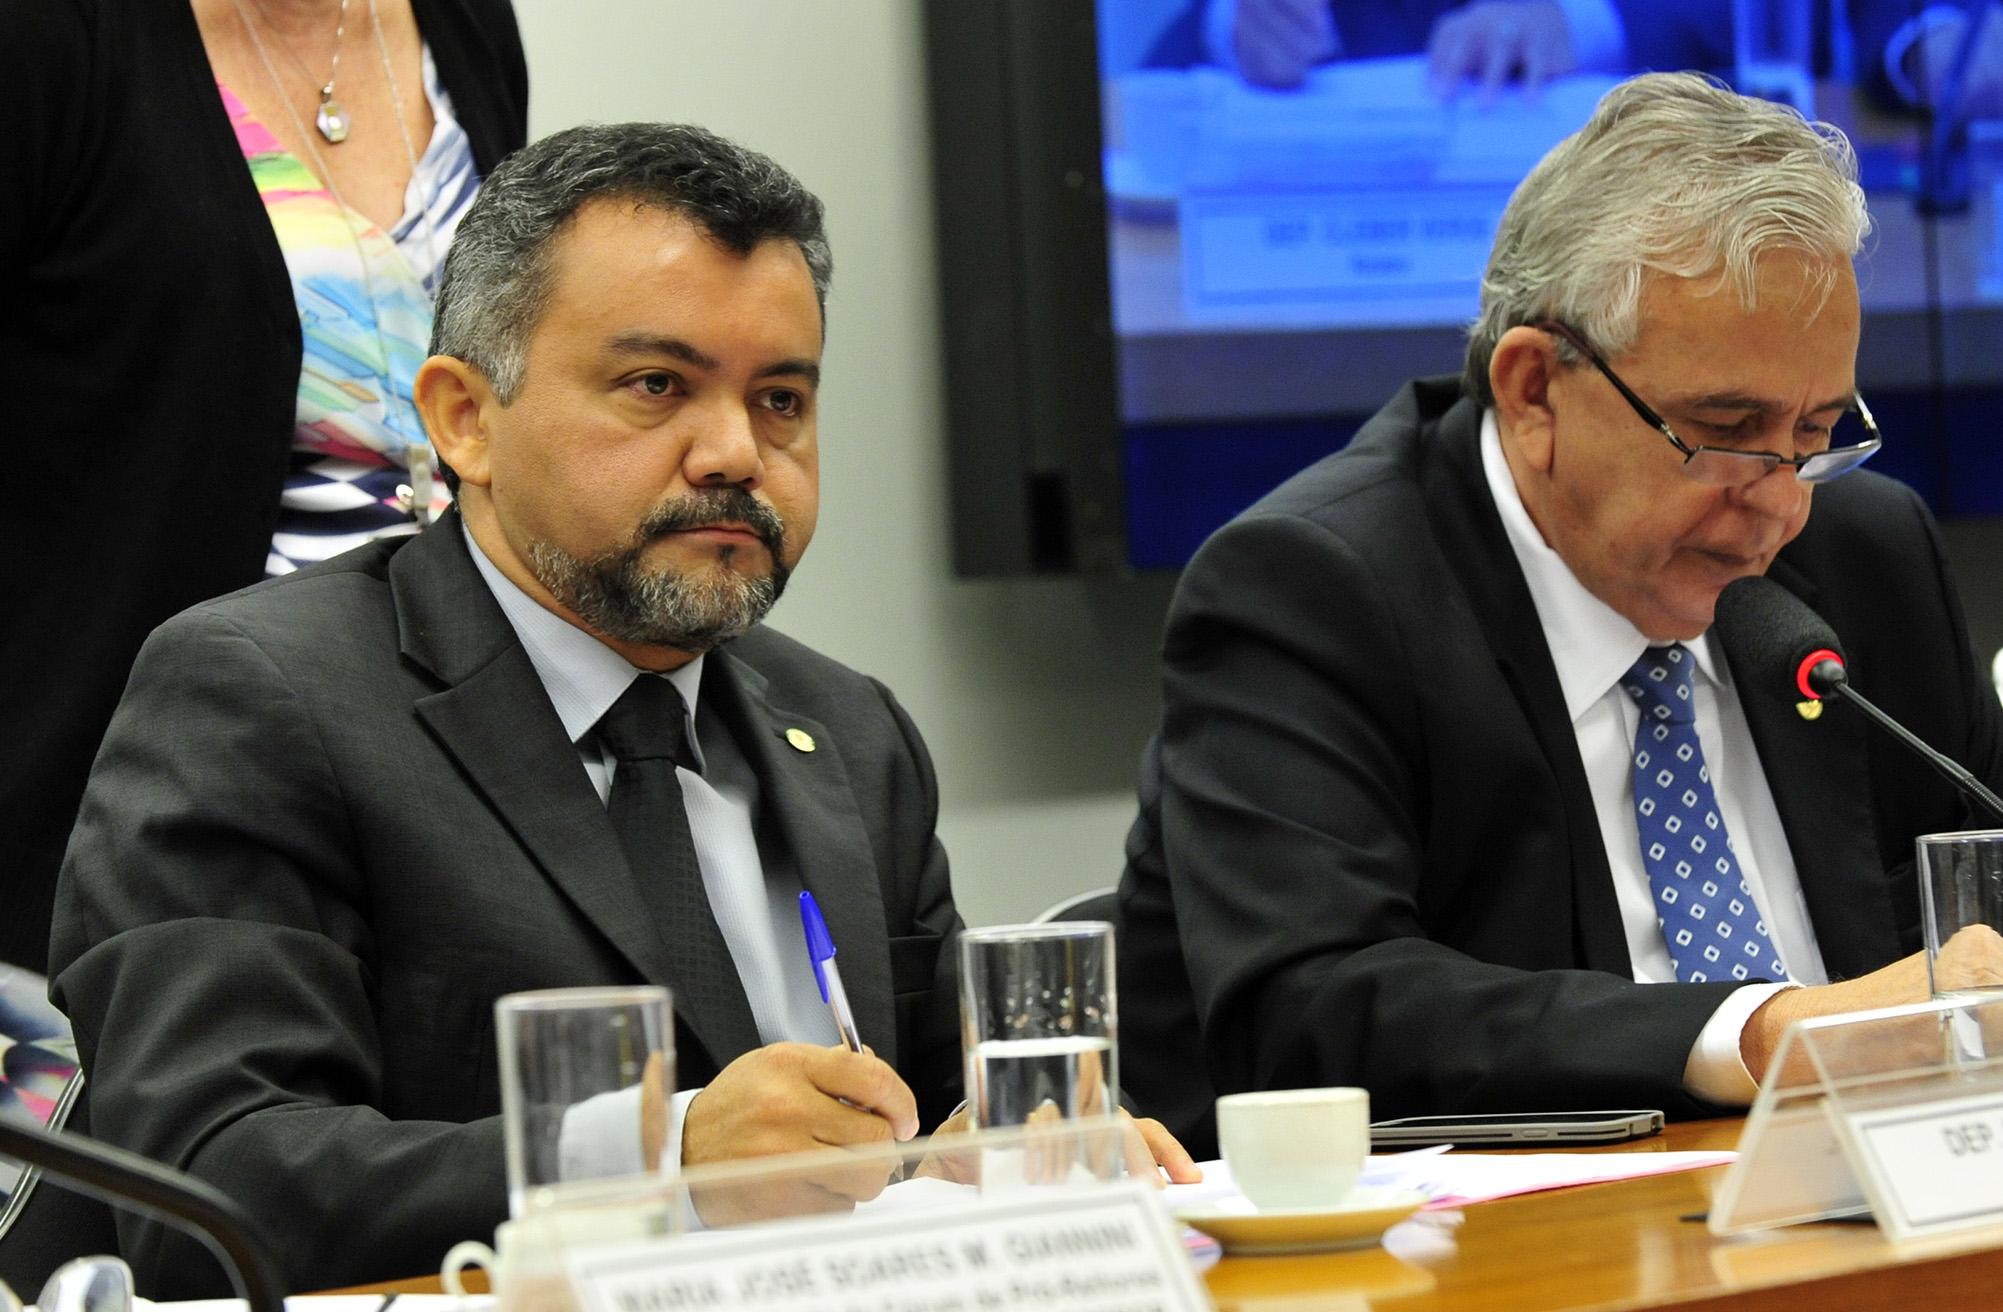 Audiência pública para debater os Indicadores de Avaliação e Qualidade da Educação Superior. Dep. Cleber Verde (PRB-MA)